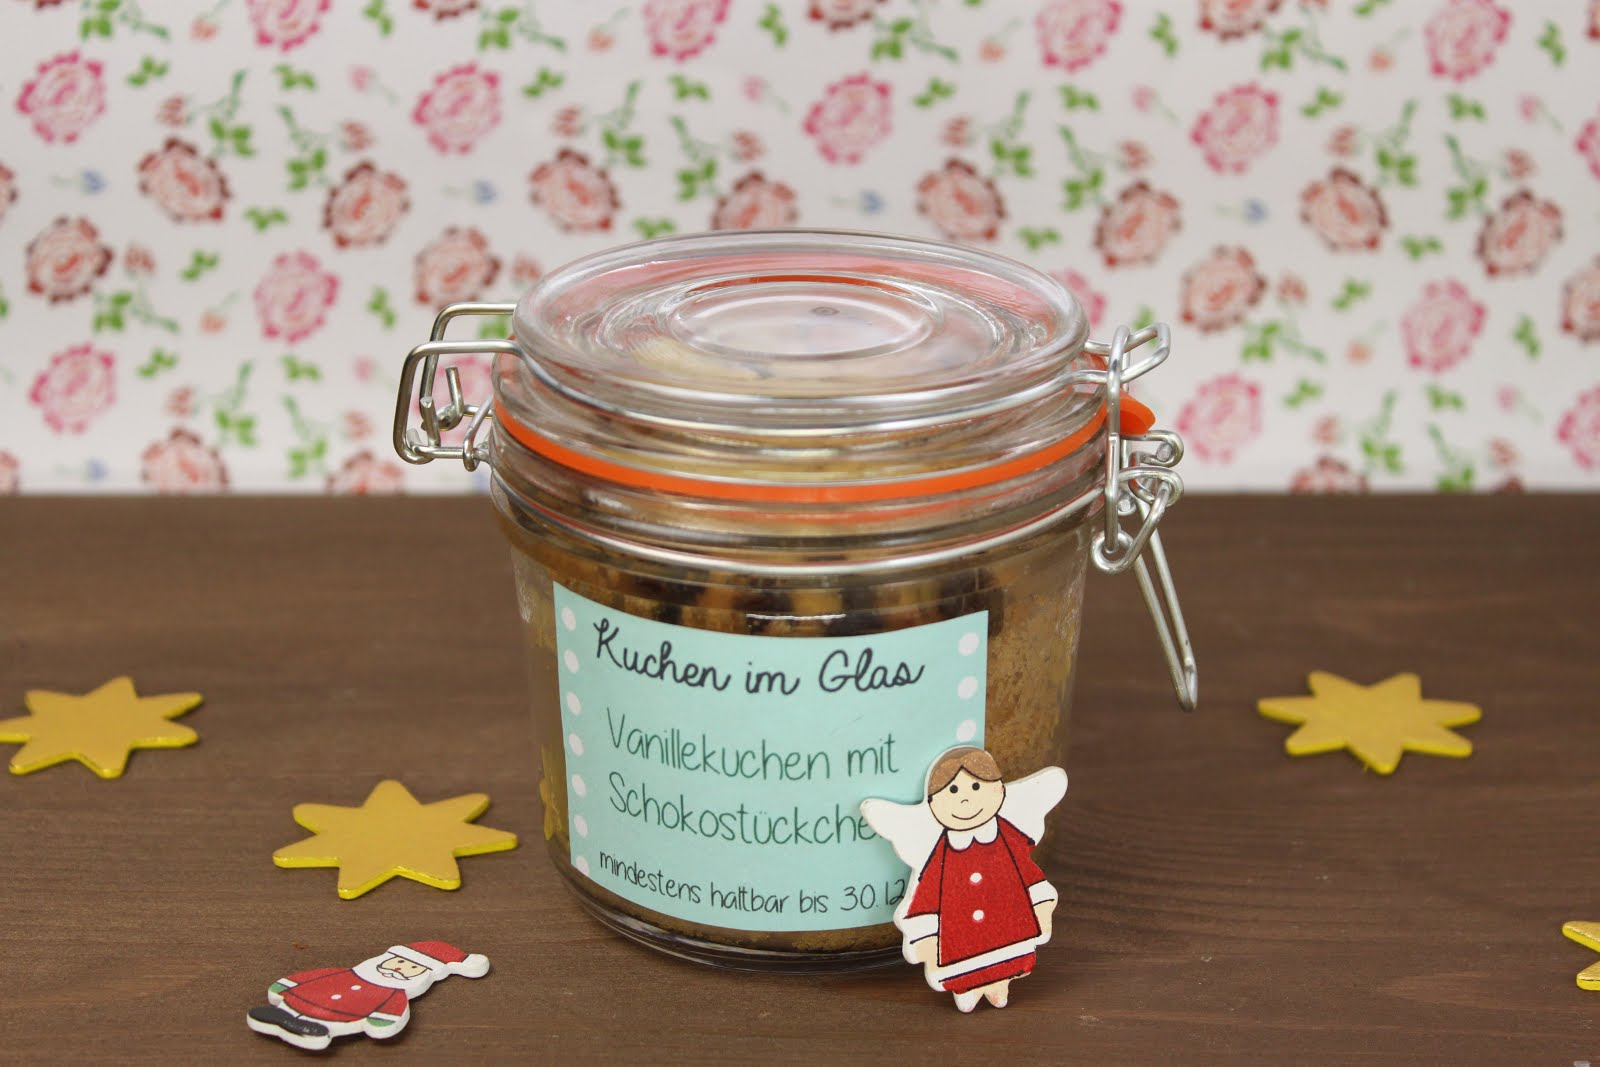 Geschenke Aus Der Küche Weihnachten Herzhaft | Bastelberg Werk ...